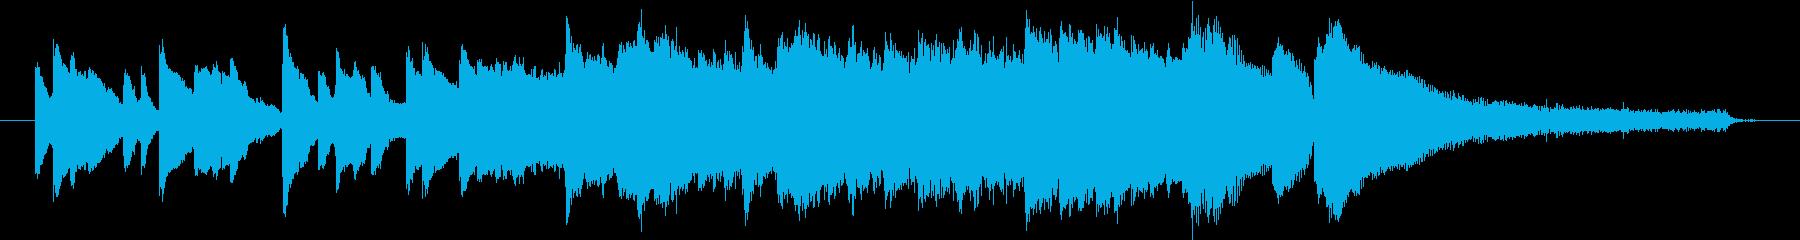 オープニングやエンディングテーマの再生済みの波形